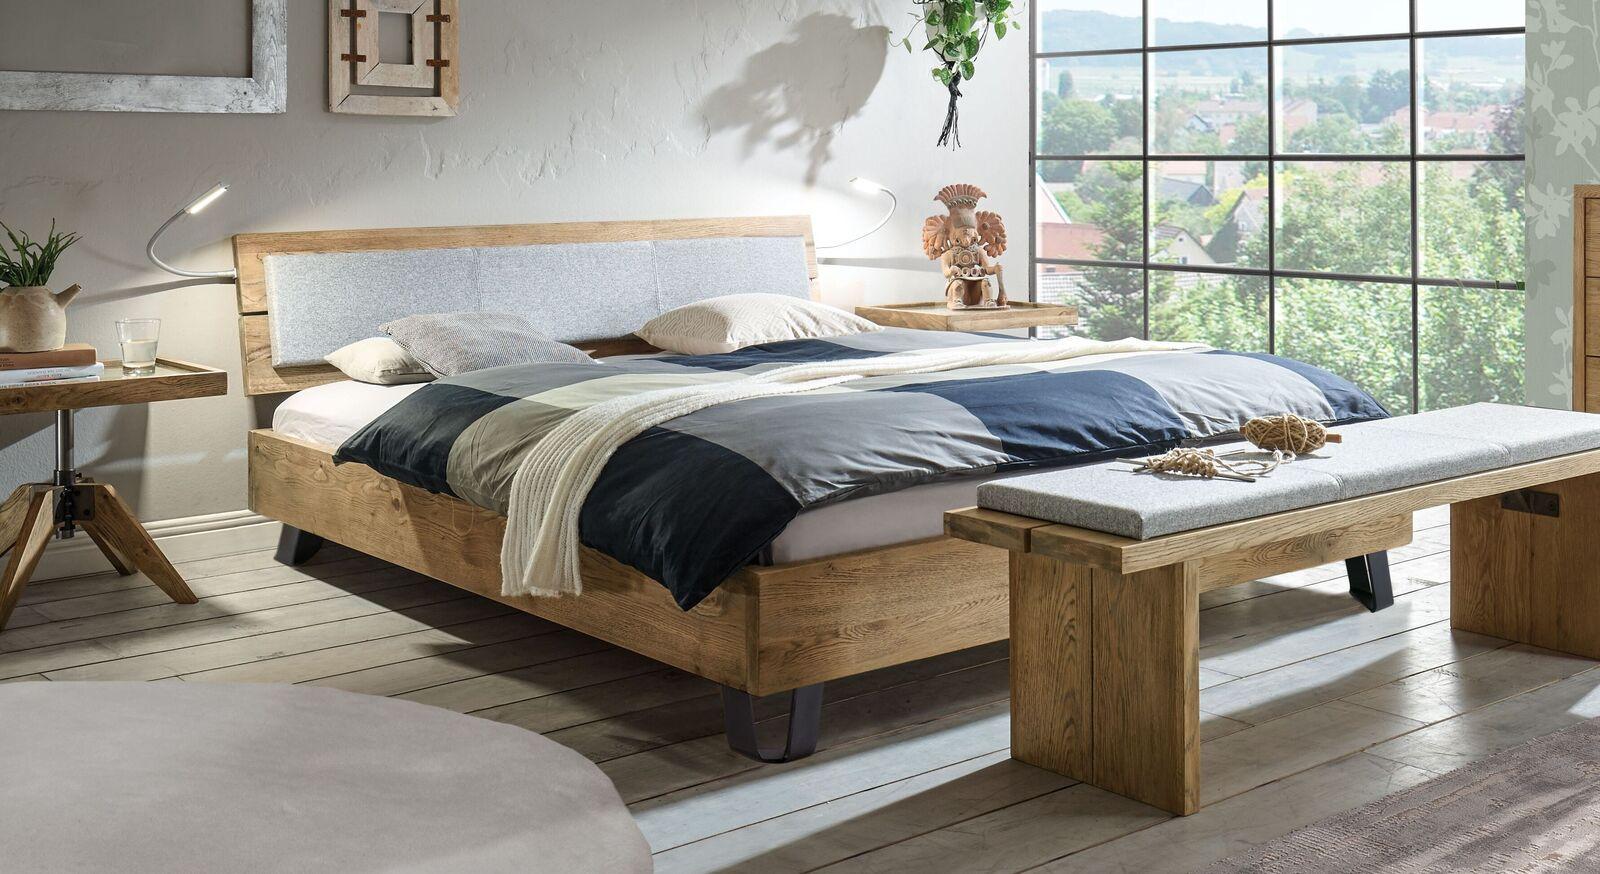 Bett Ormar aus robustem Massivholz